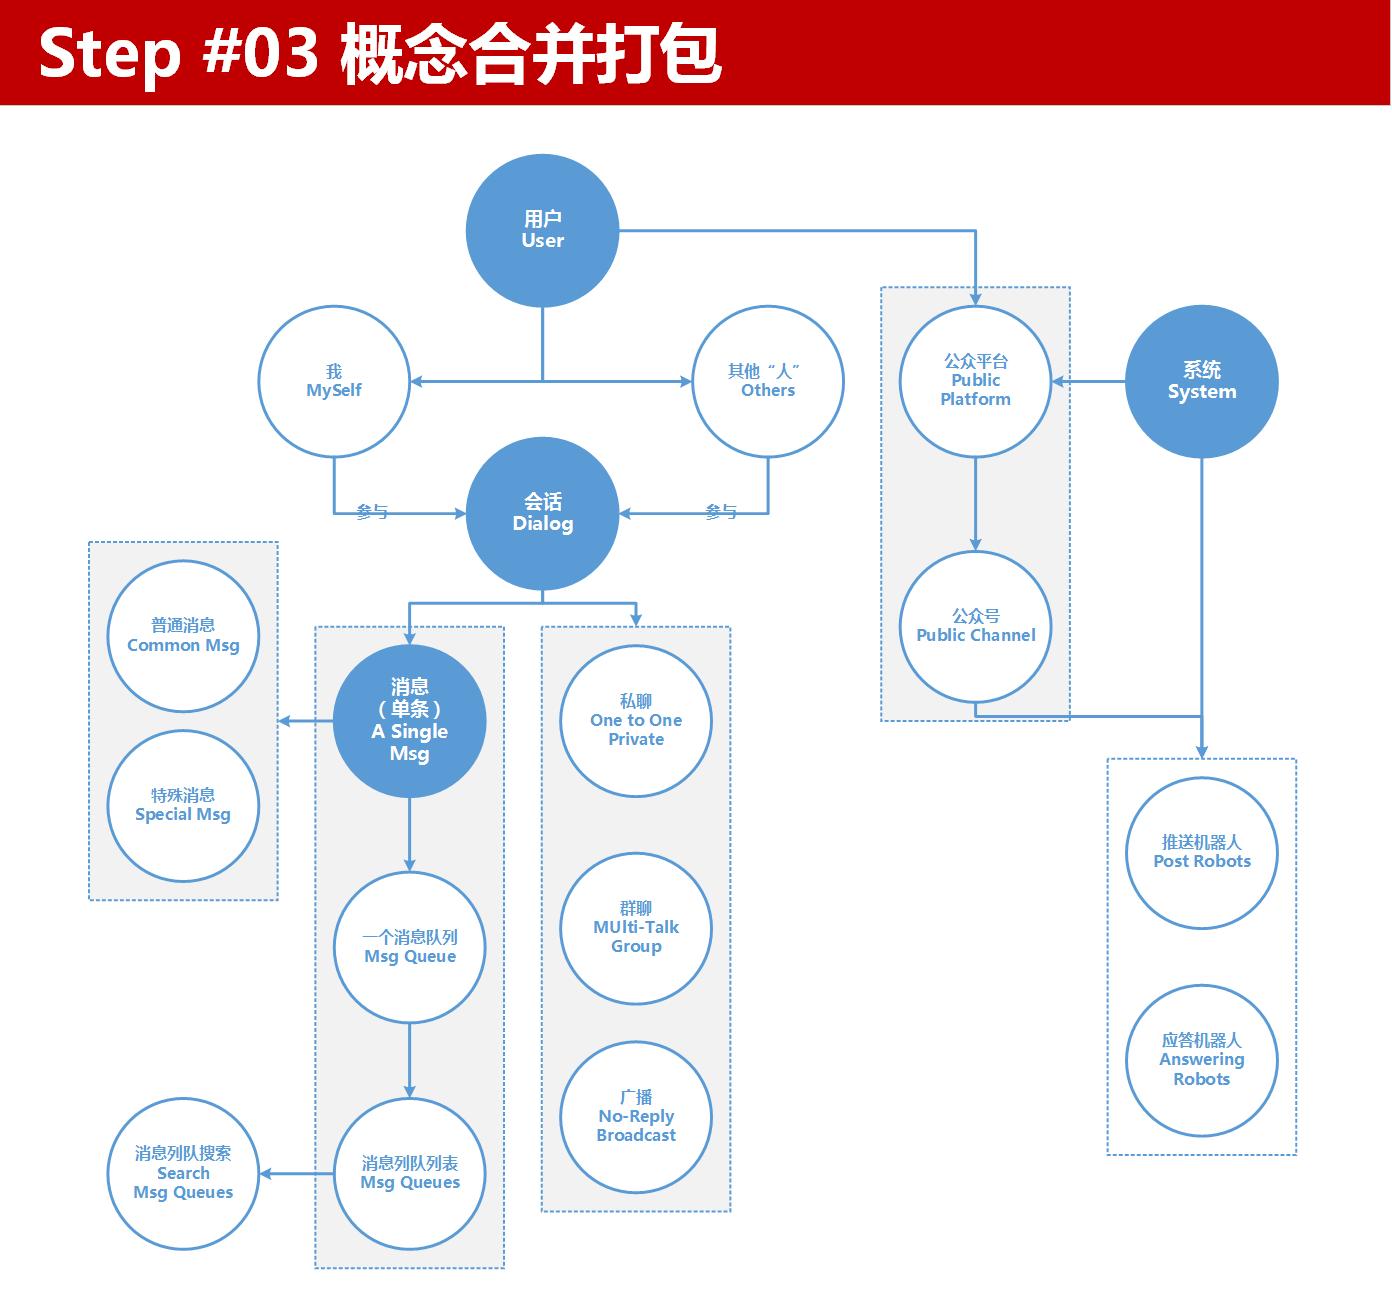 信息架构设计步骤Step03概念合并打包